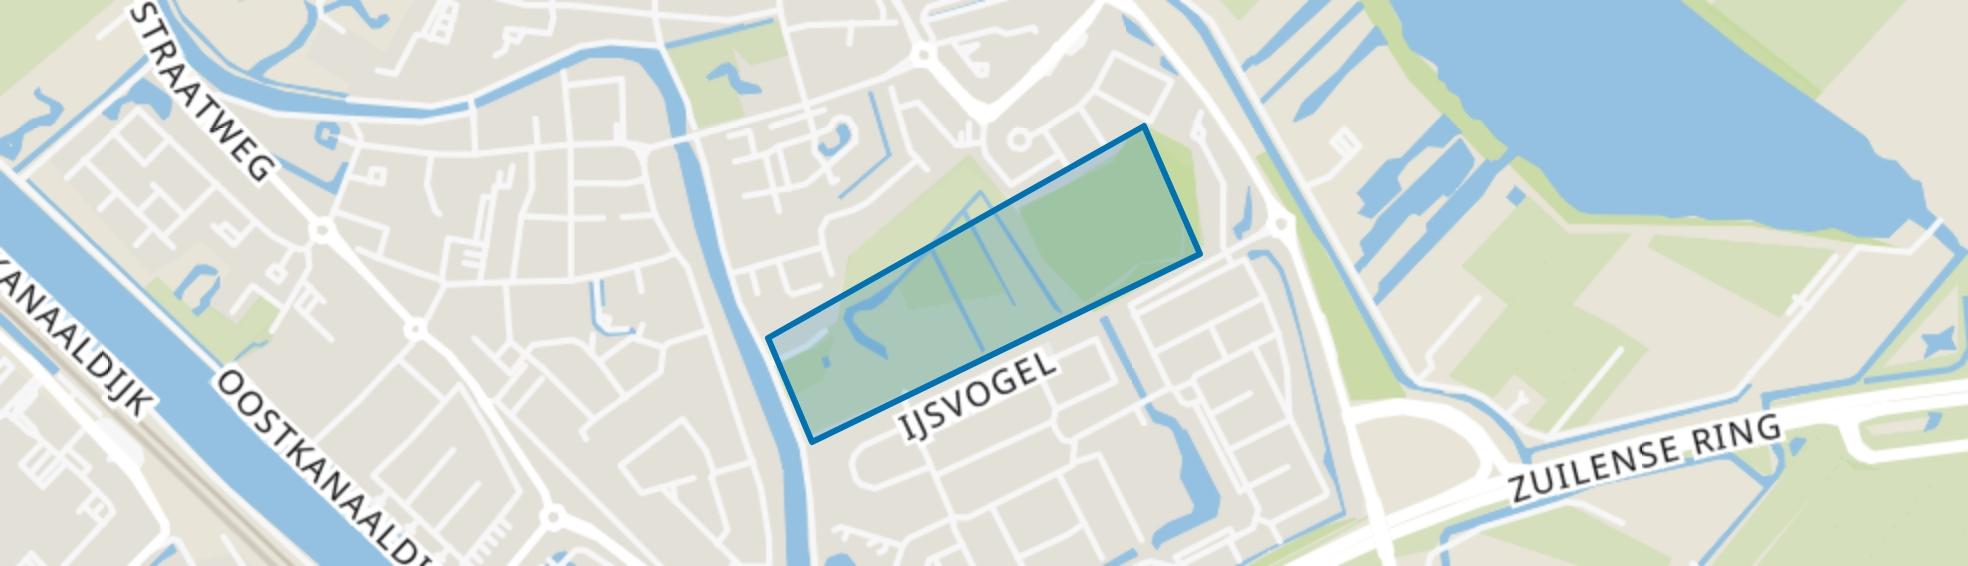 Park Vechtenstein, Maarssen map